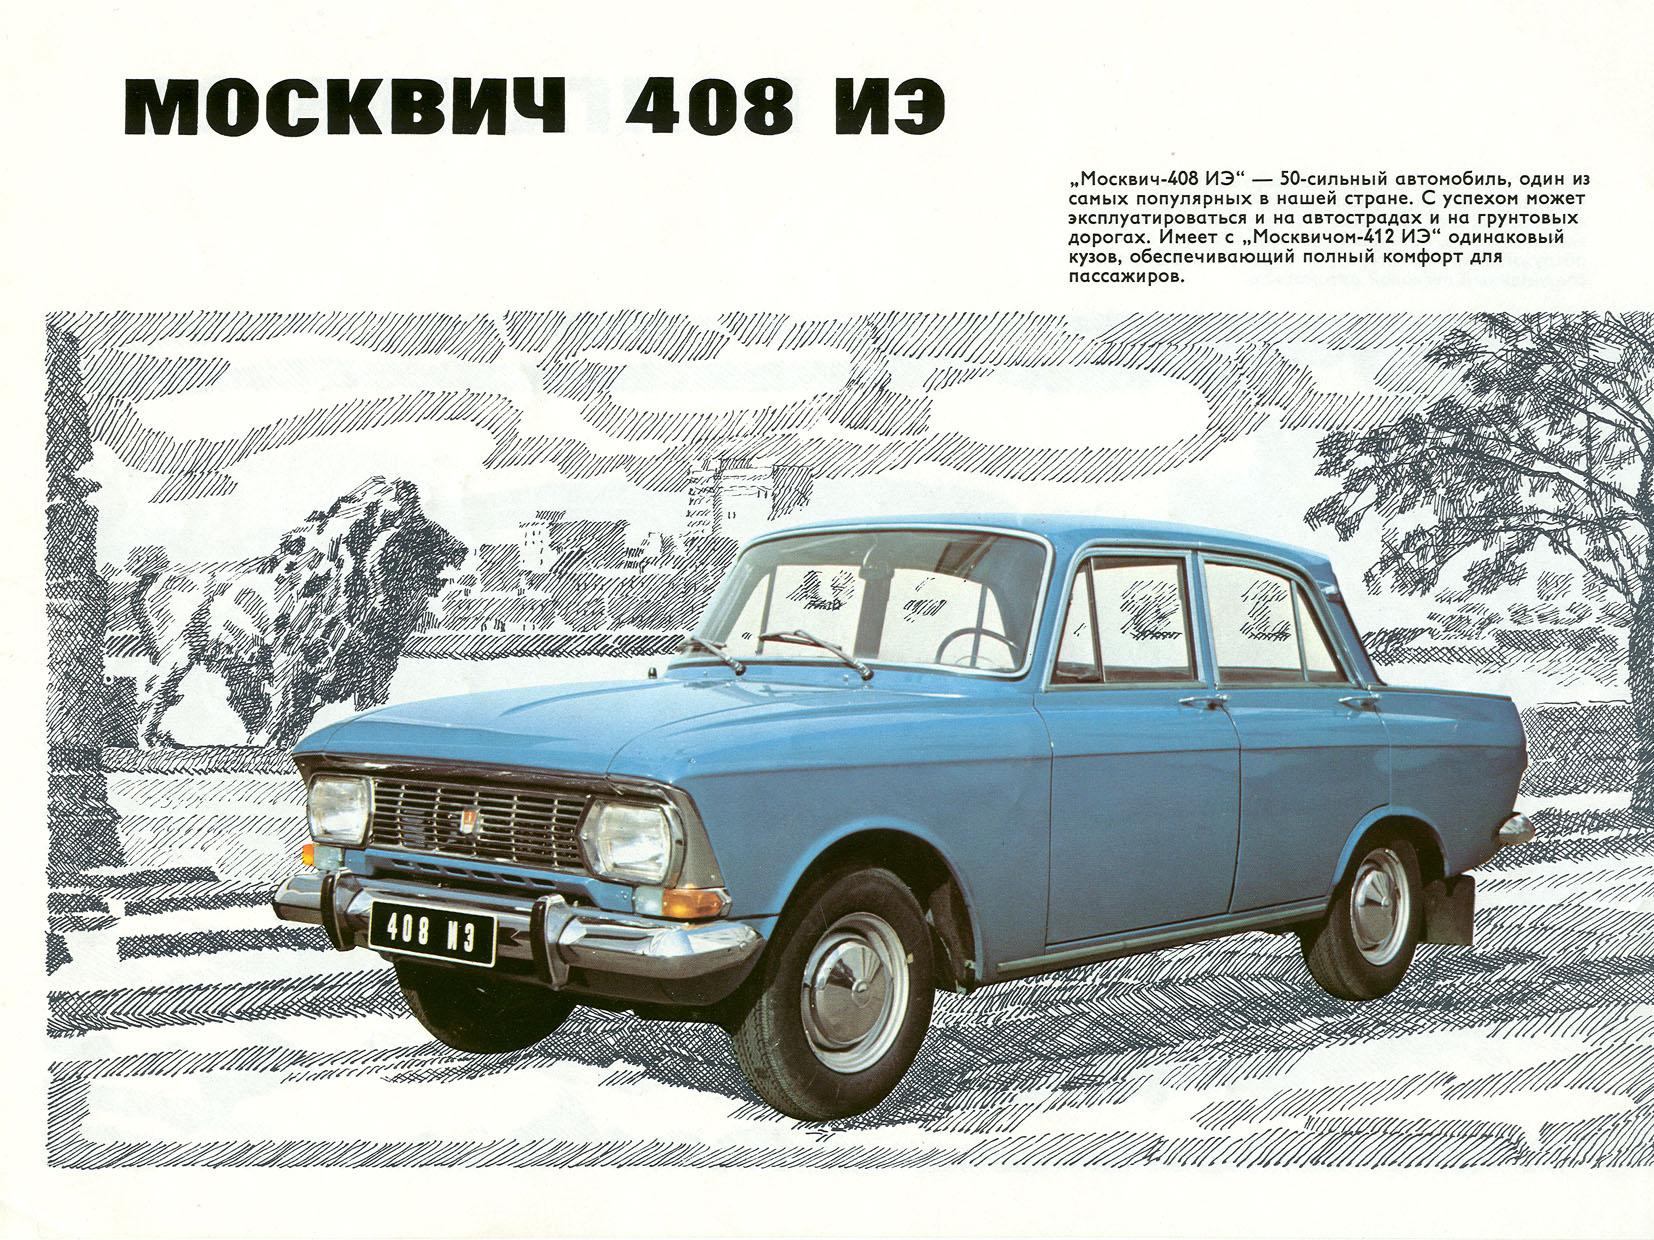 Moskvitch Jpg Cars Ussr Pinterest Cars